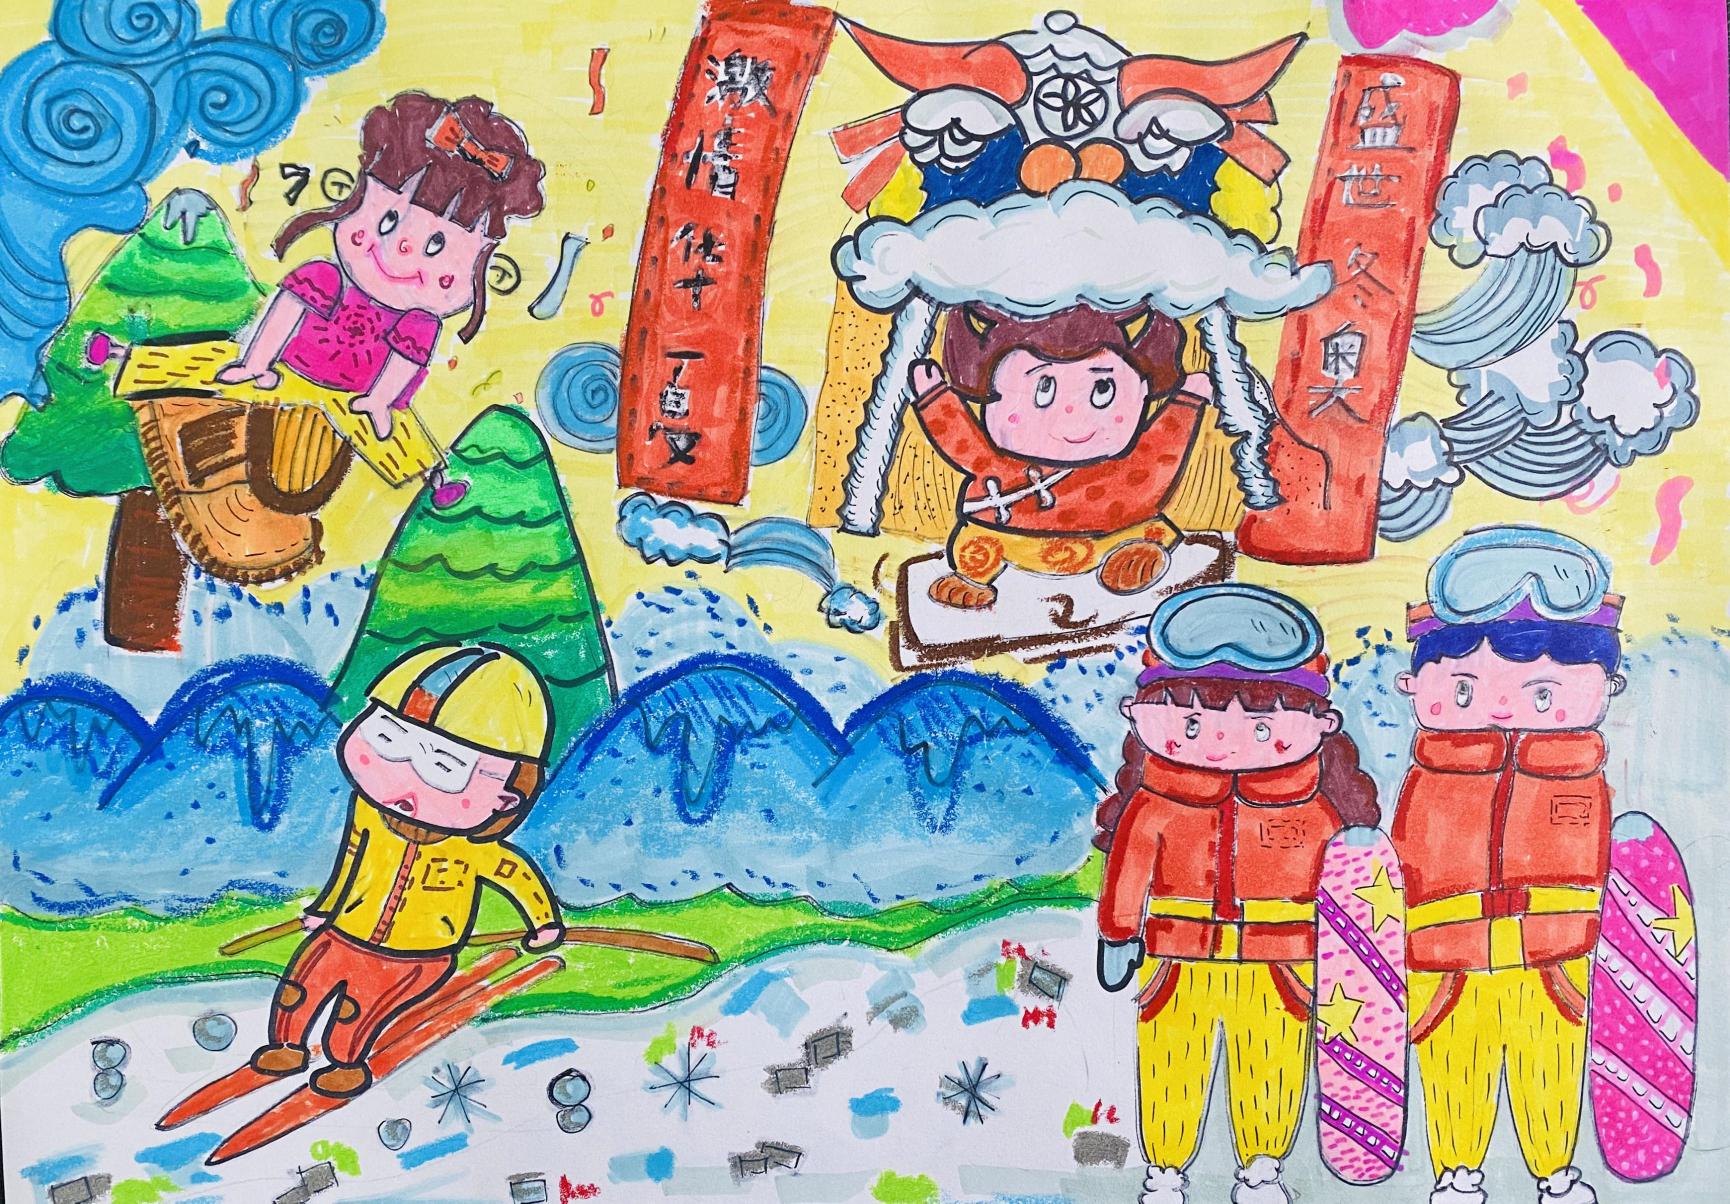 《冬奥会我来啦》Coming For The Winter Olympics+李辛瑶 Li Xinyao+7+1887640022